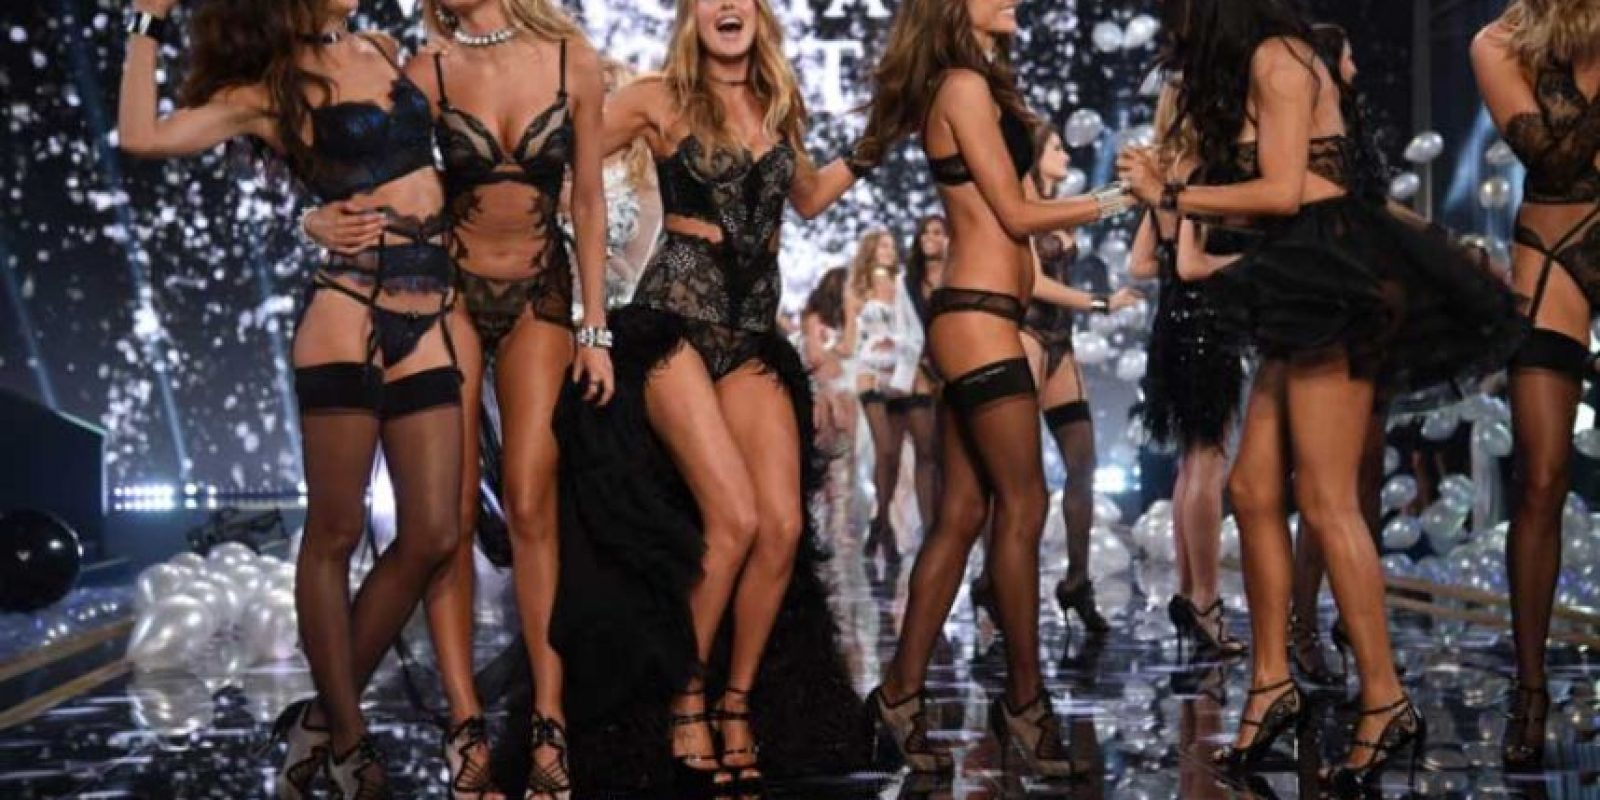 También reveló que eliminar manchas de las axilas y hasta dotarlas de más carne en los huesos es la labor de los editores de Victoria's Secret. Foto:Getty Images